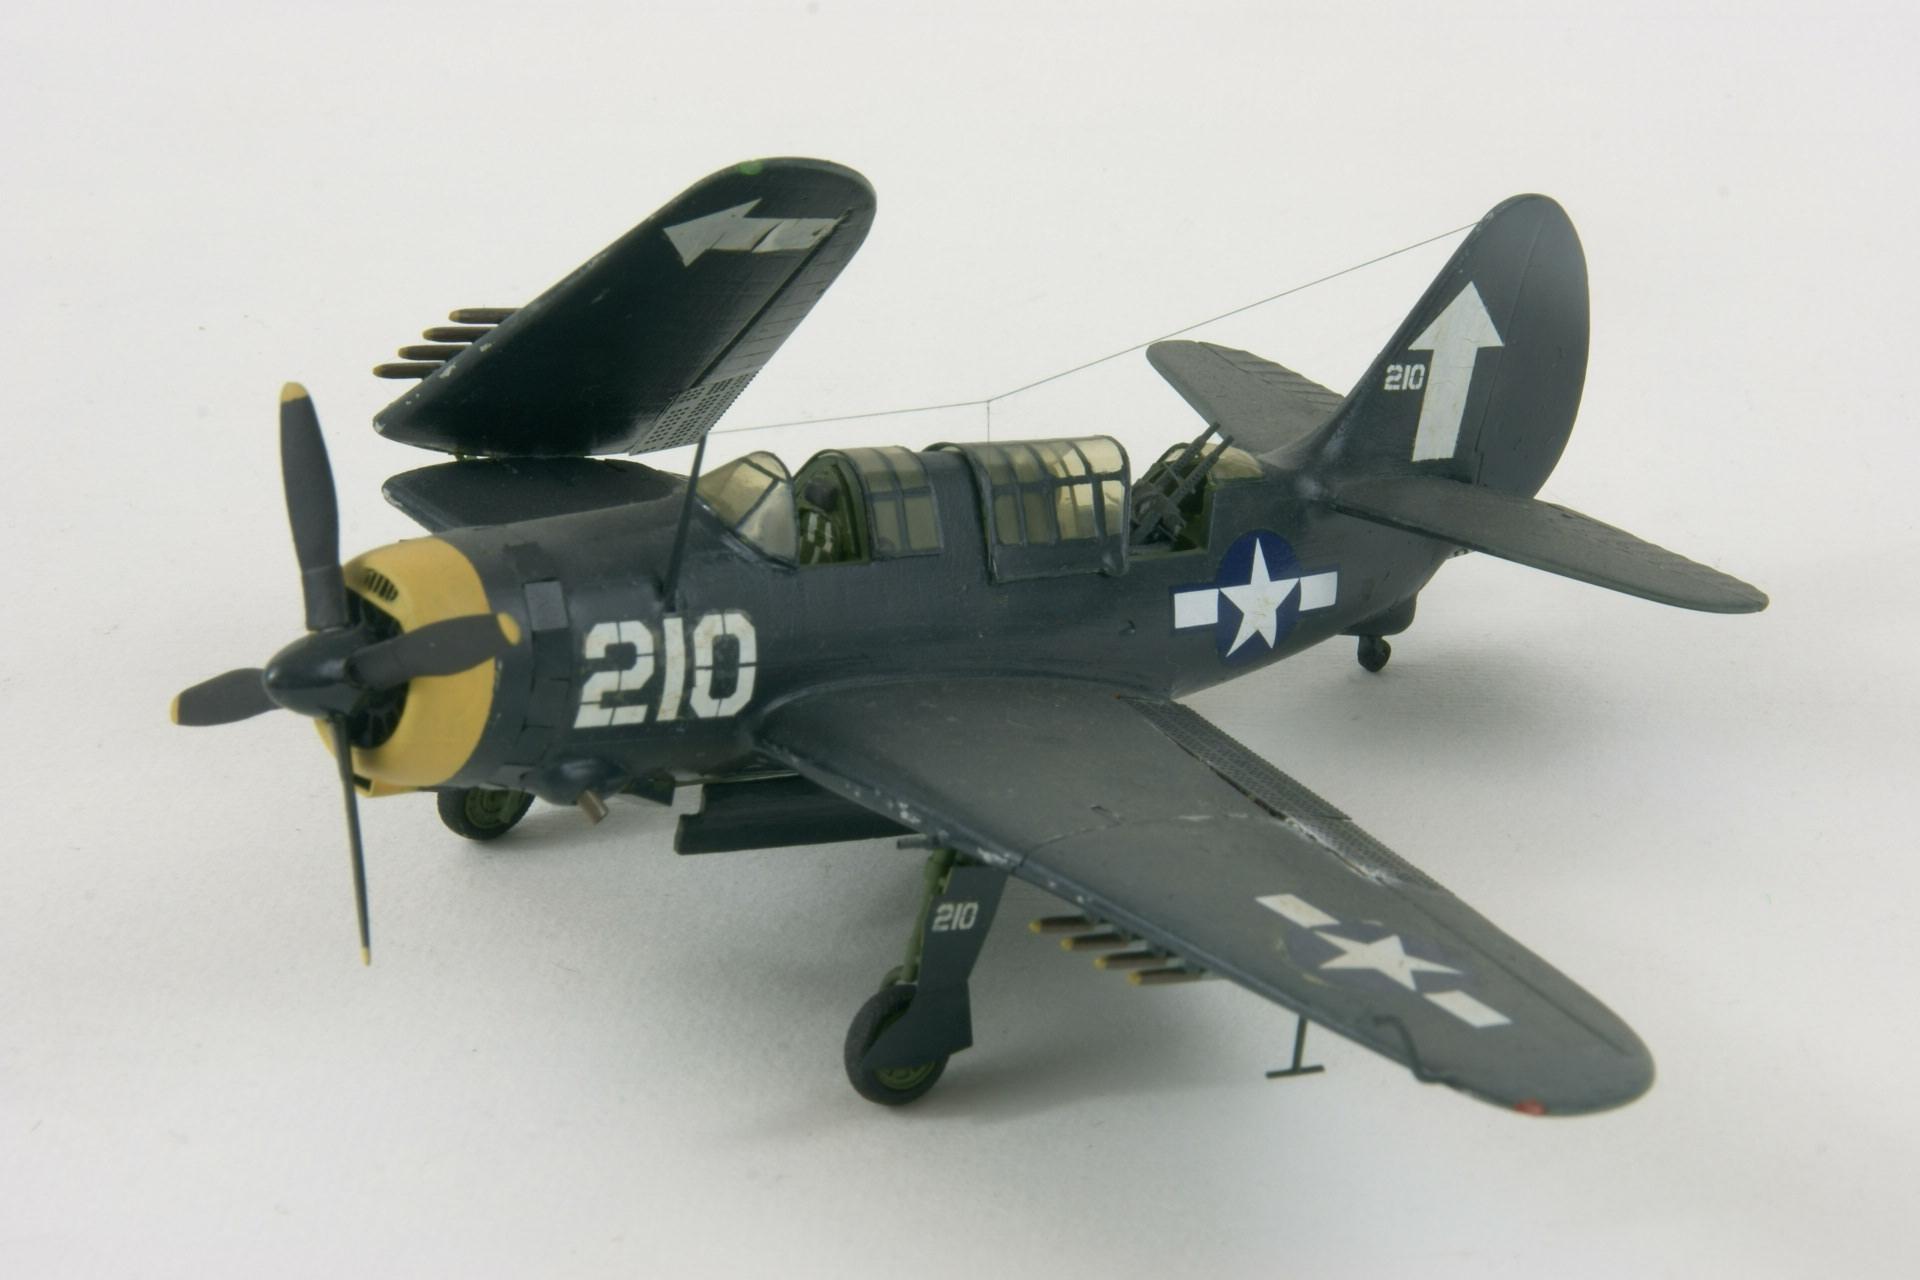 Curtiss sb2c 4e helldiver 1 2